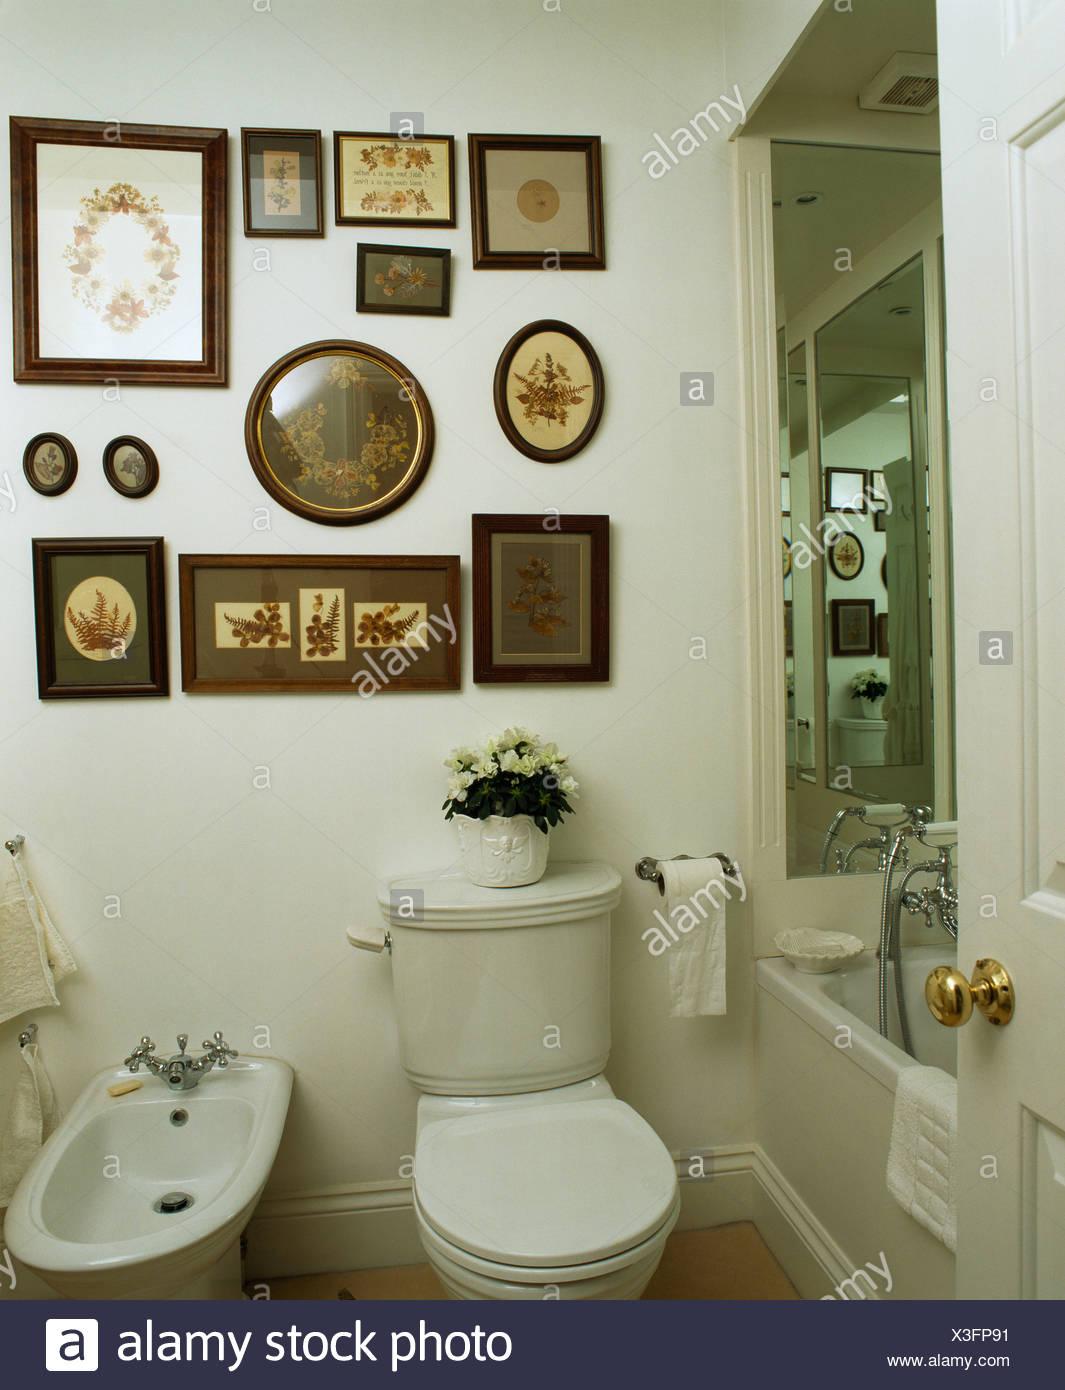 Tableau Salle De Bain collection de vieux tableaux encadrés au-dessus de toilettes